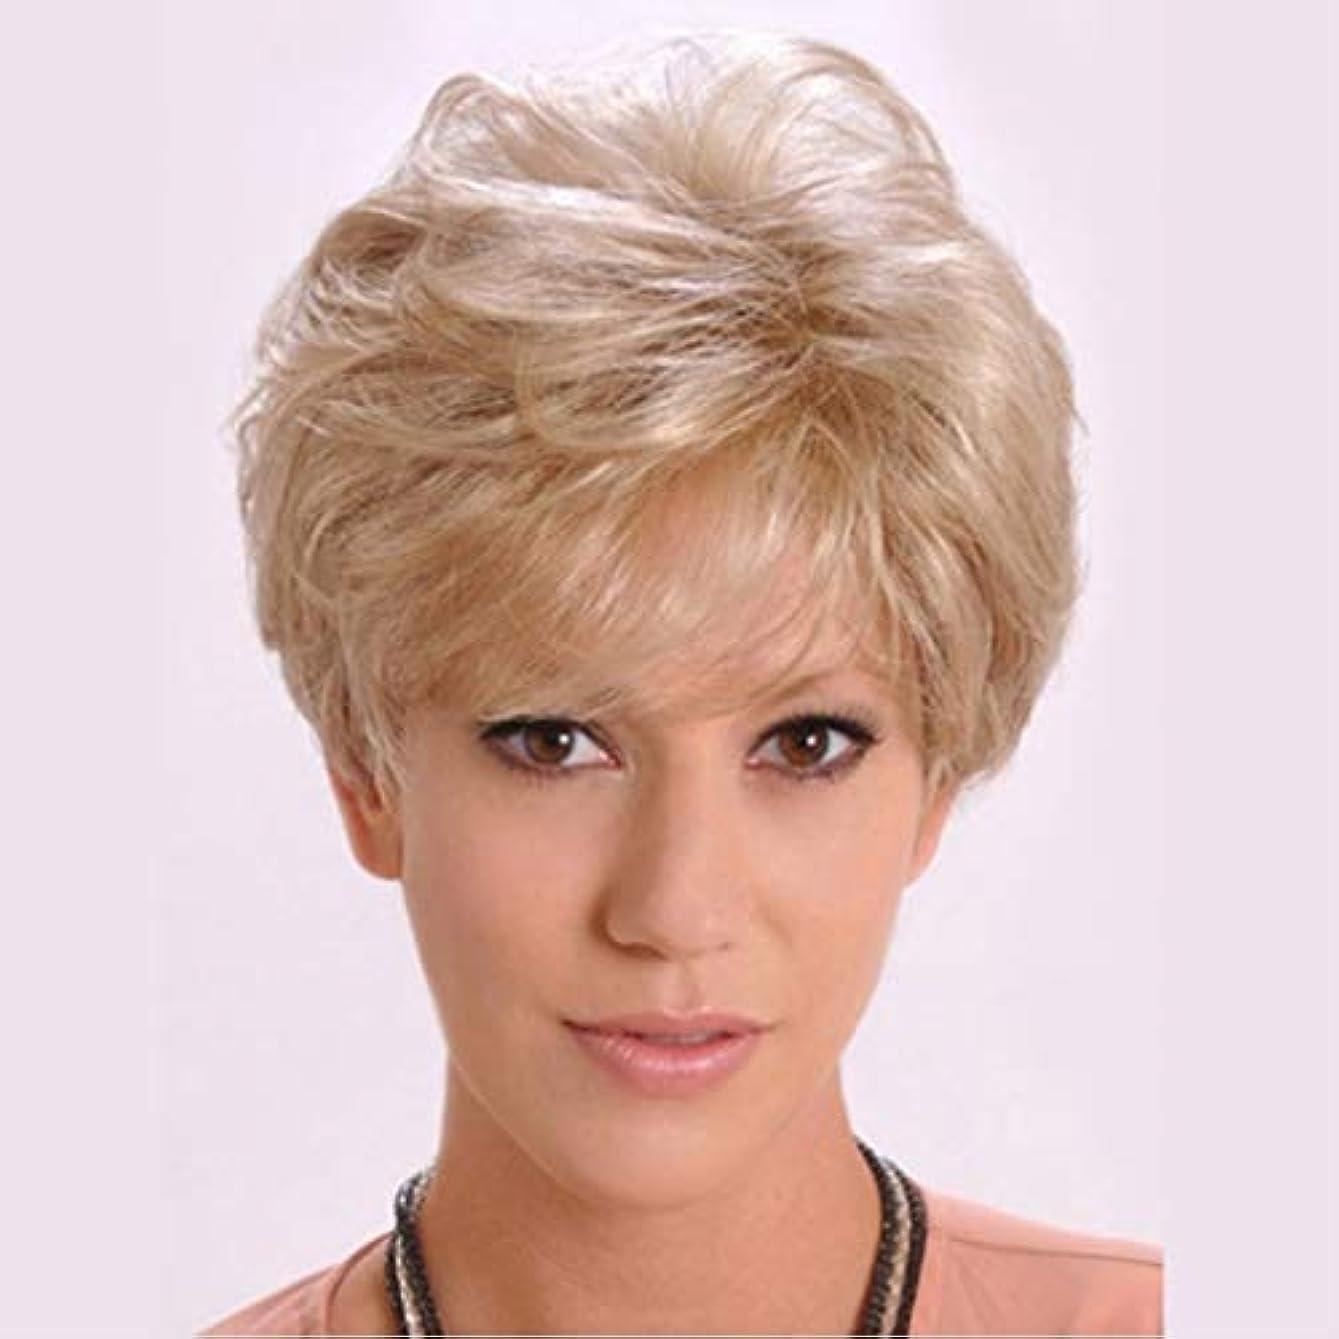 比較該当するピアKerwinner 女性のための短い巻き毛のかつら短い髪のふわふわブロンドの巻き毛のかつら (Color : Light brown)